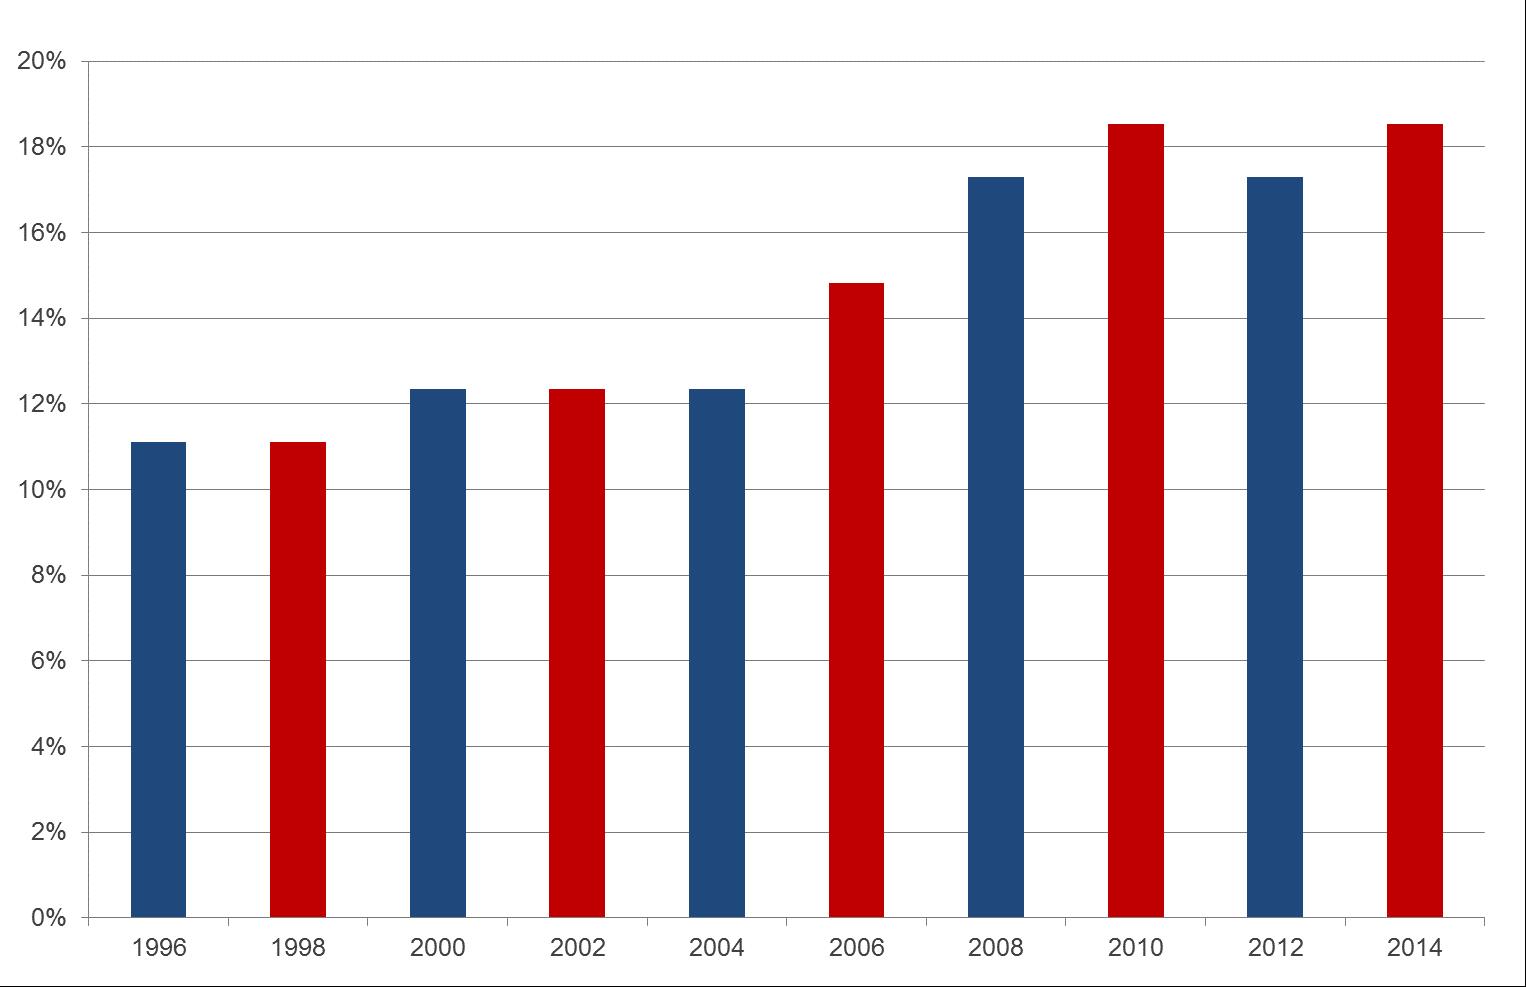 senat_graf_1996-2014.jpg.png